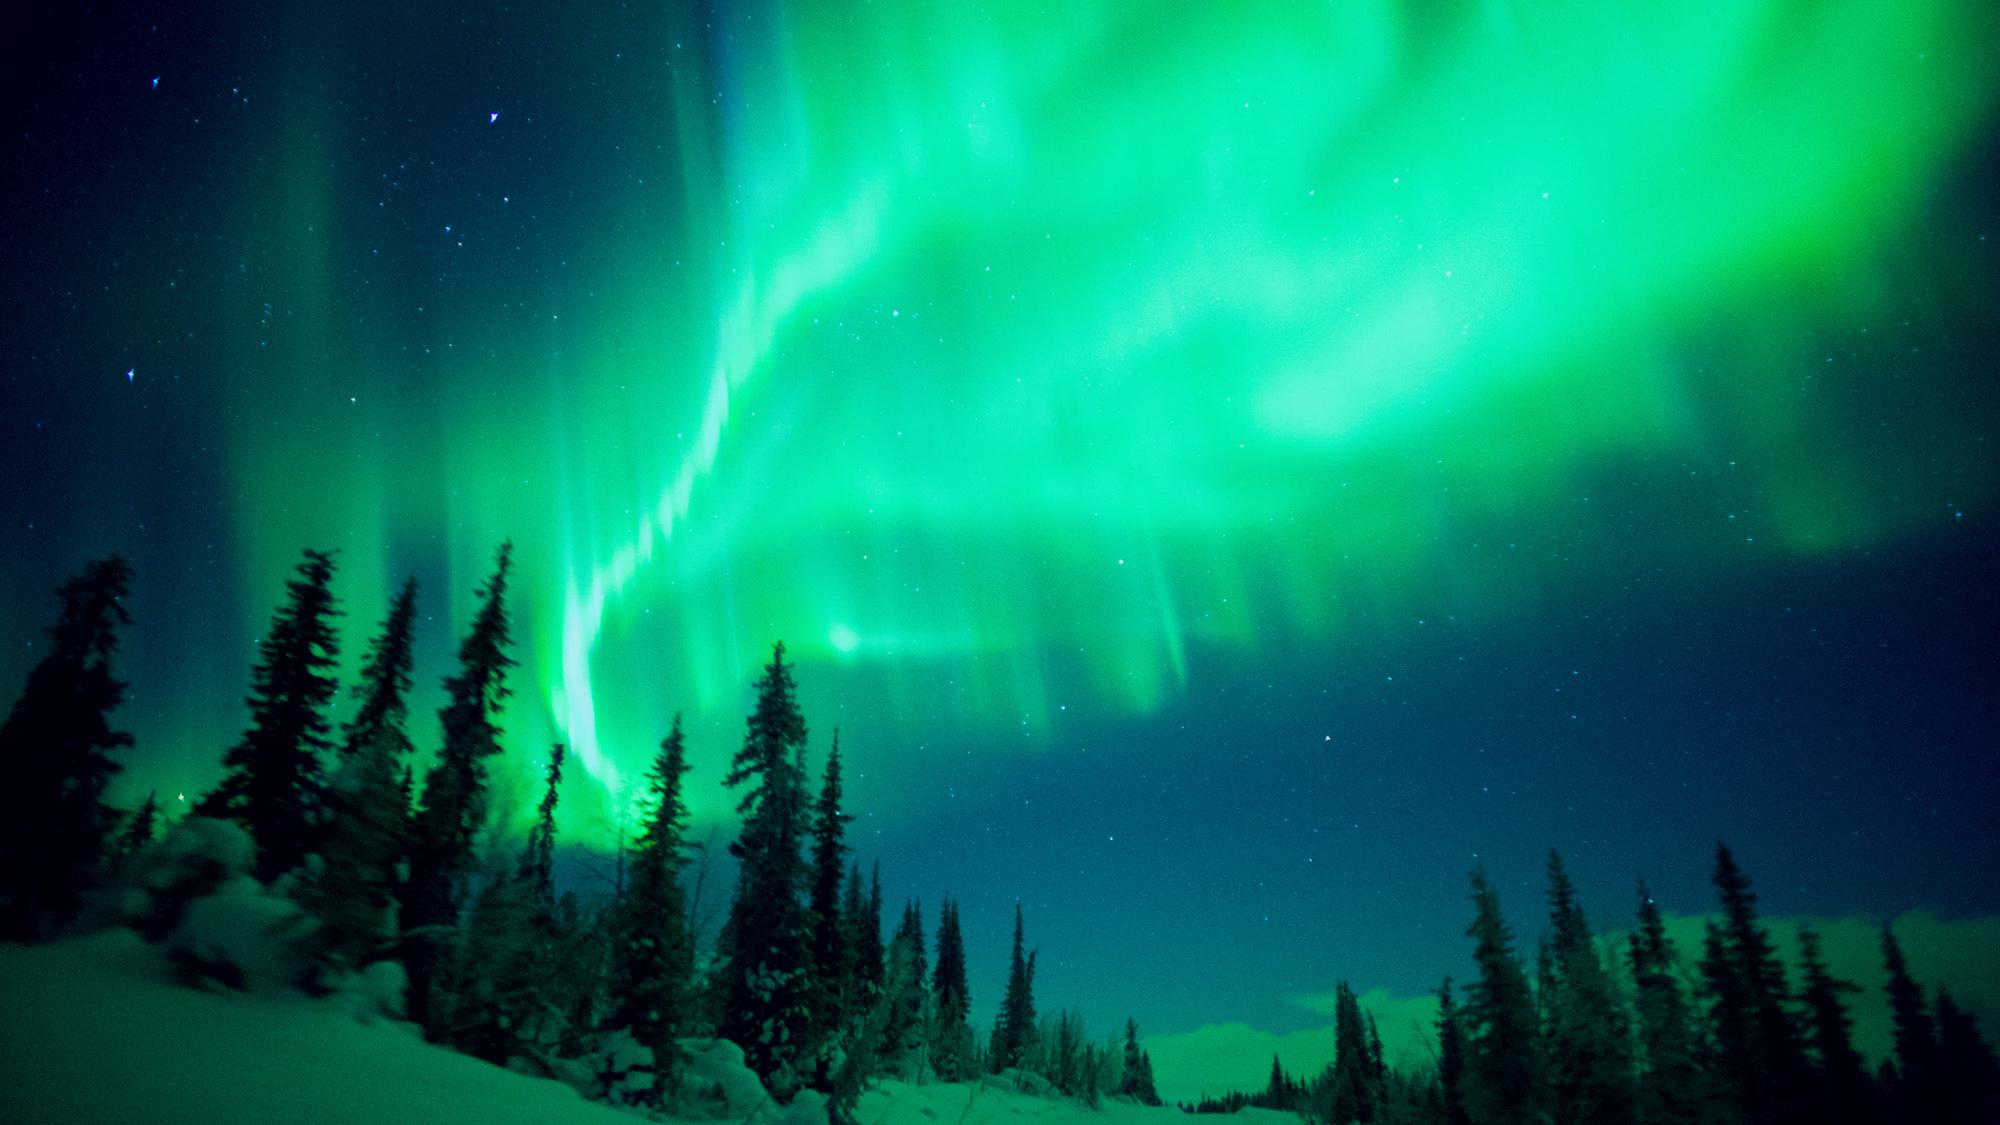 """Les aurores dansent dans le ciel nocturne dans le documentaire du réalisateur Tom Lowe """"Éveiller,"""" qui a fait ses débuts le 9 avril 2021."""